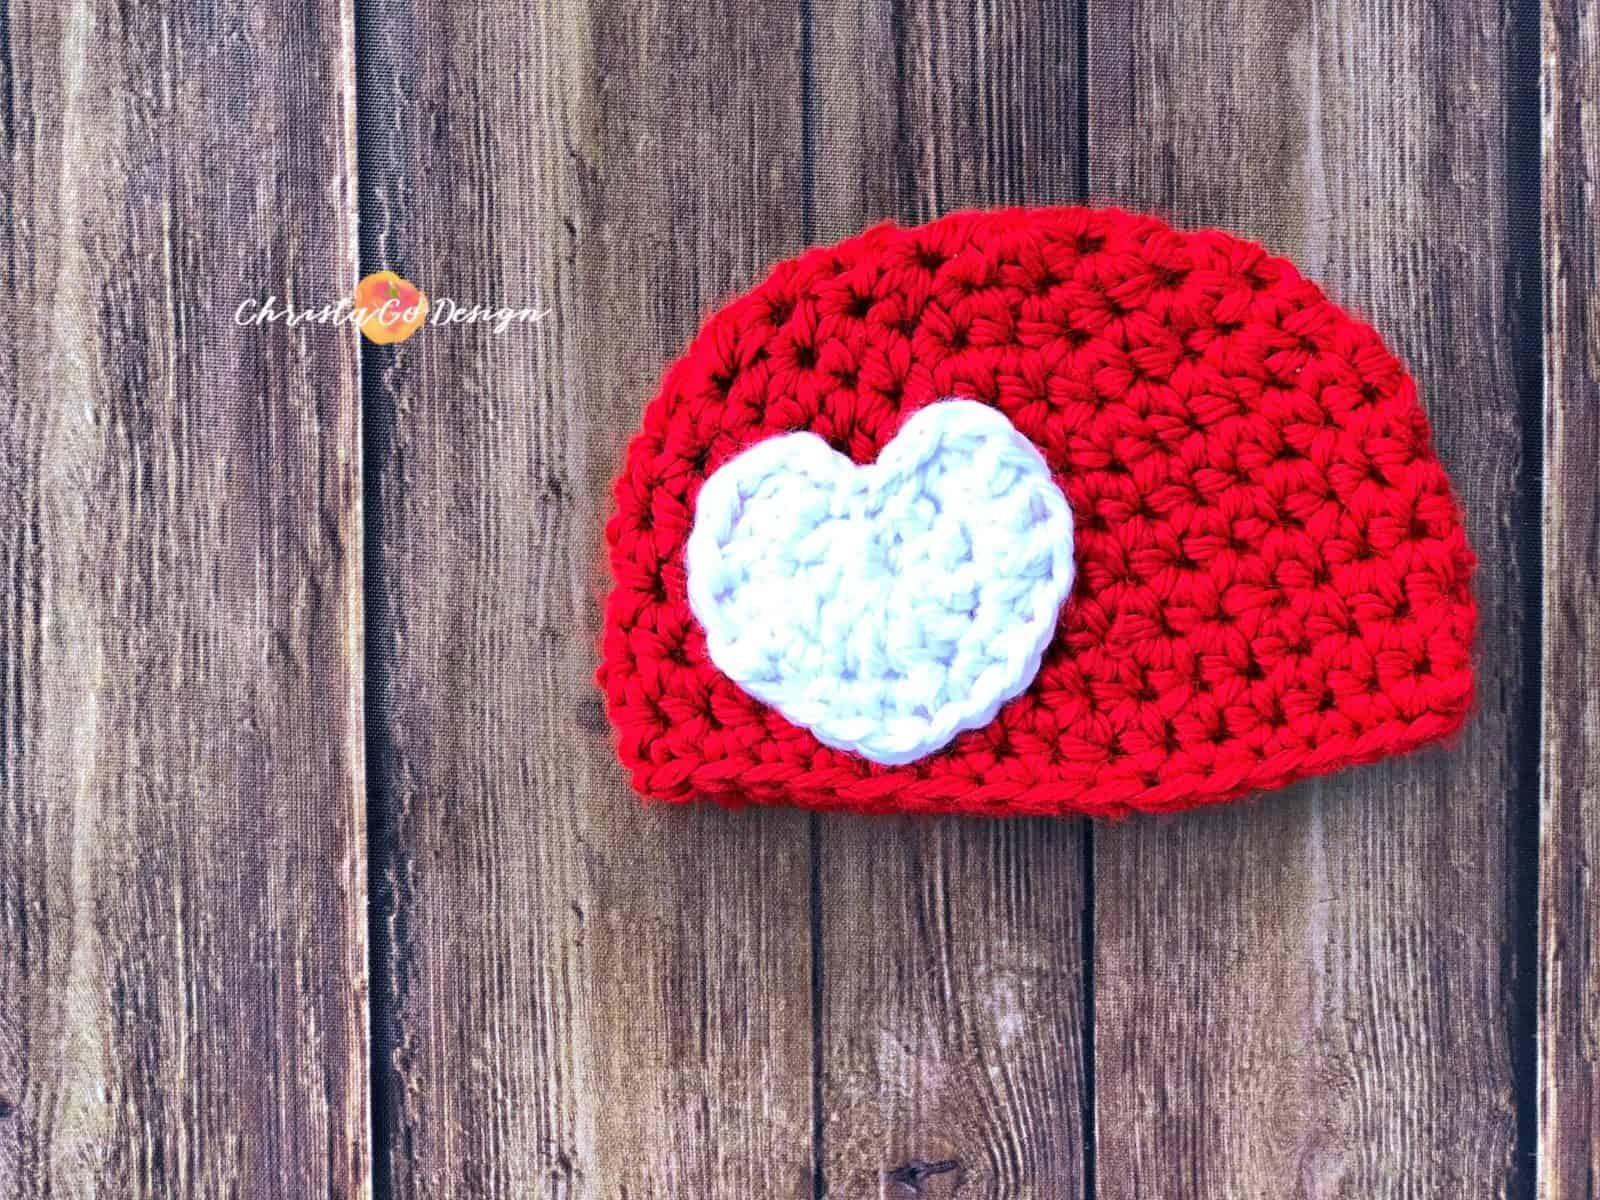 Chunky Crochet Heart Applique Free Crochet Pattern